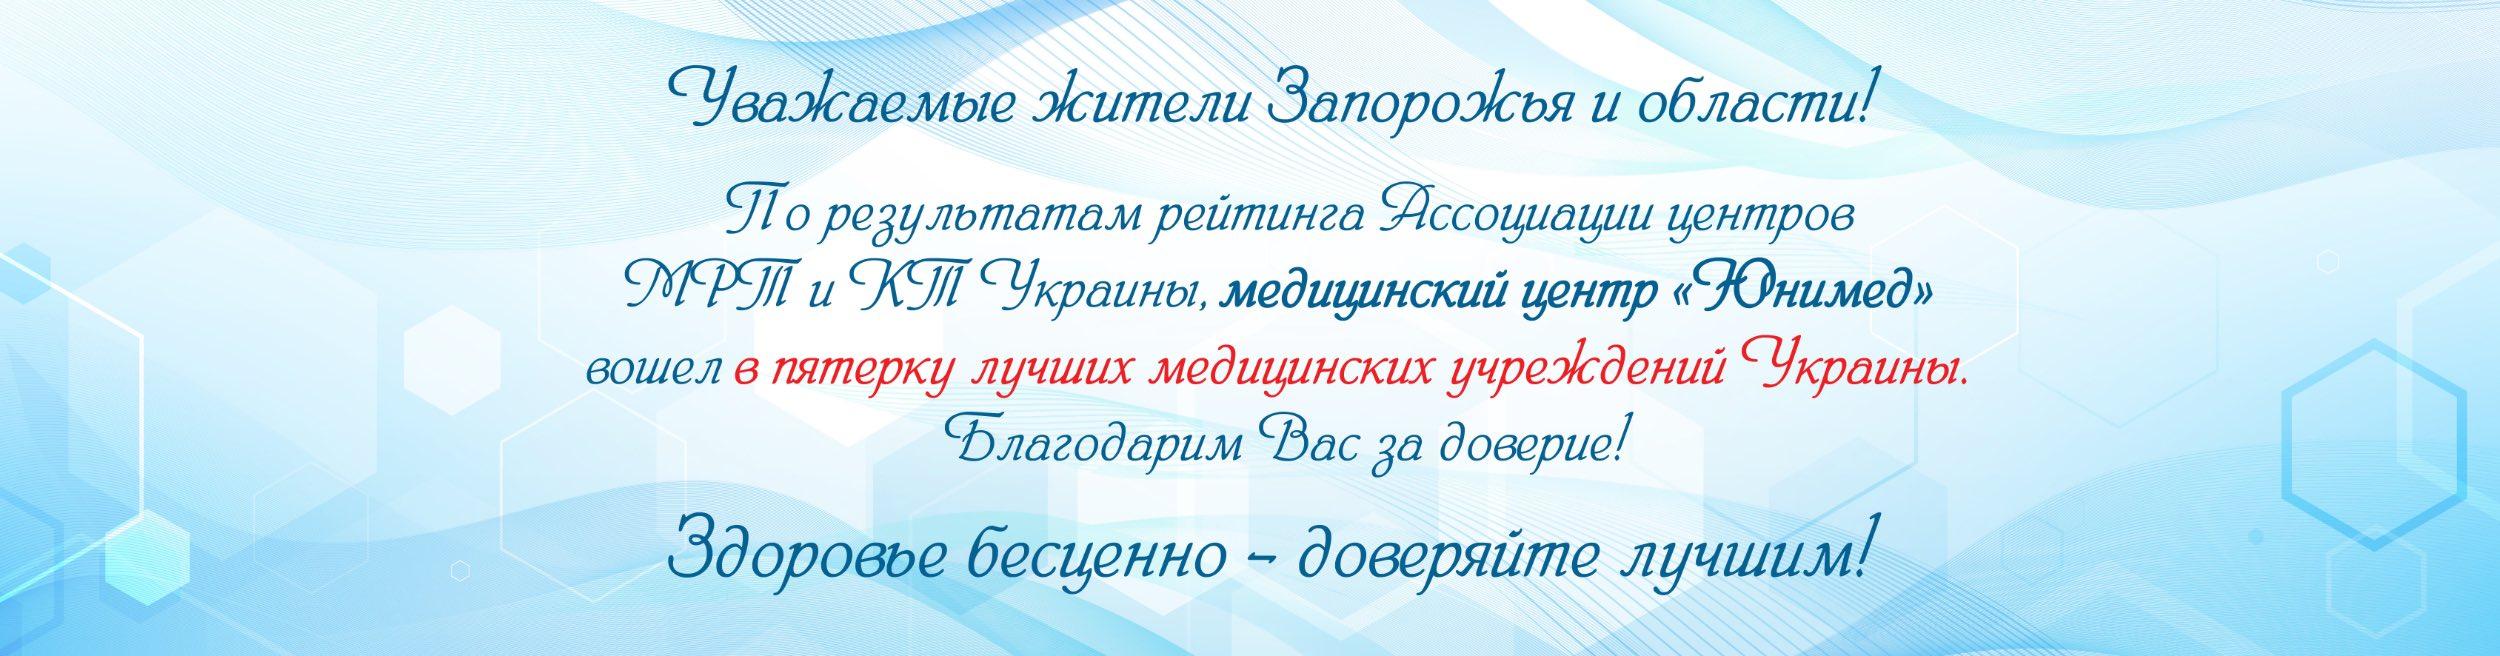 banner_YUnimed-5-ka-luchshih_52_2000